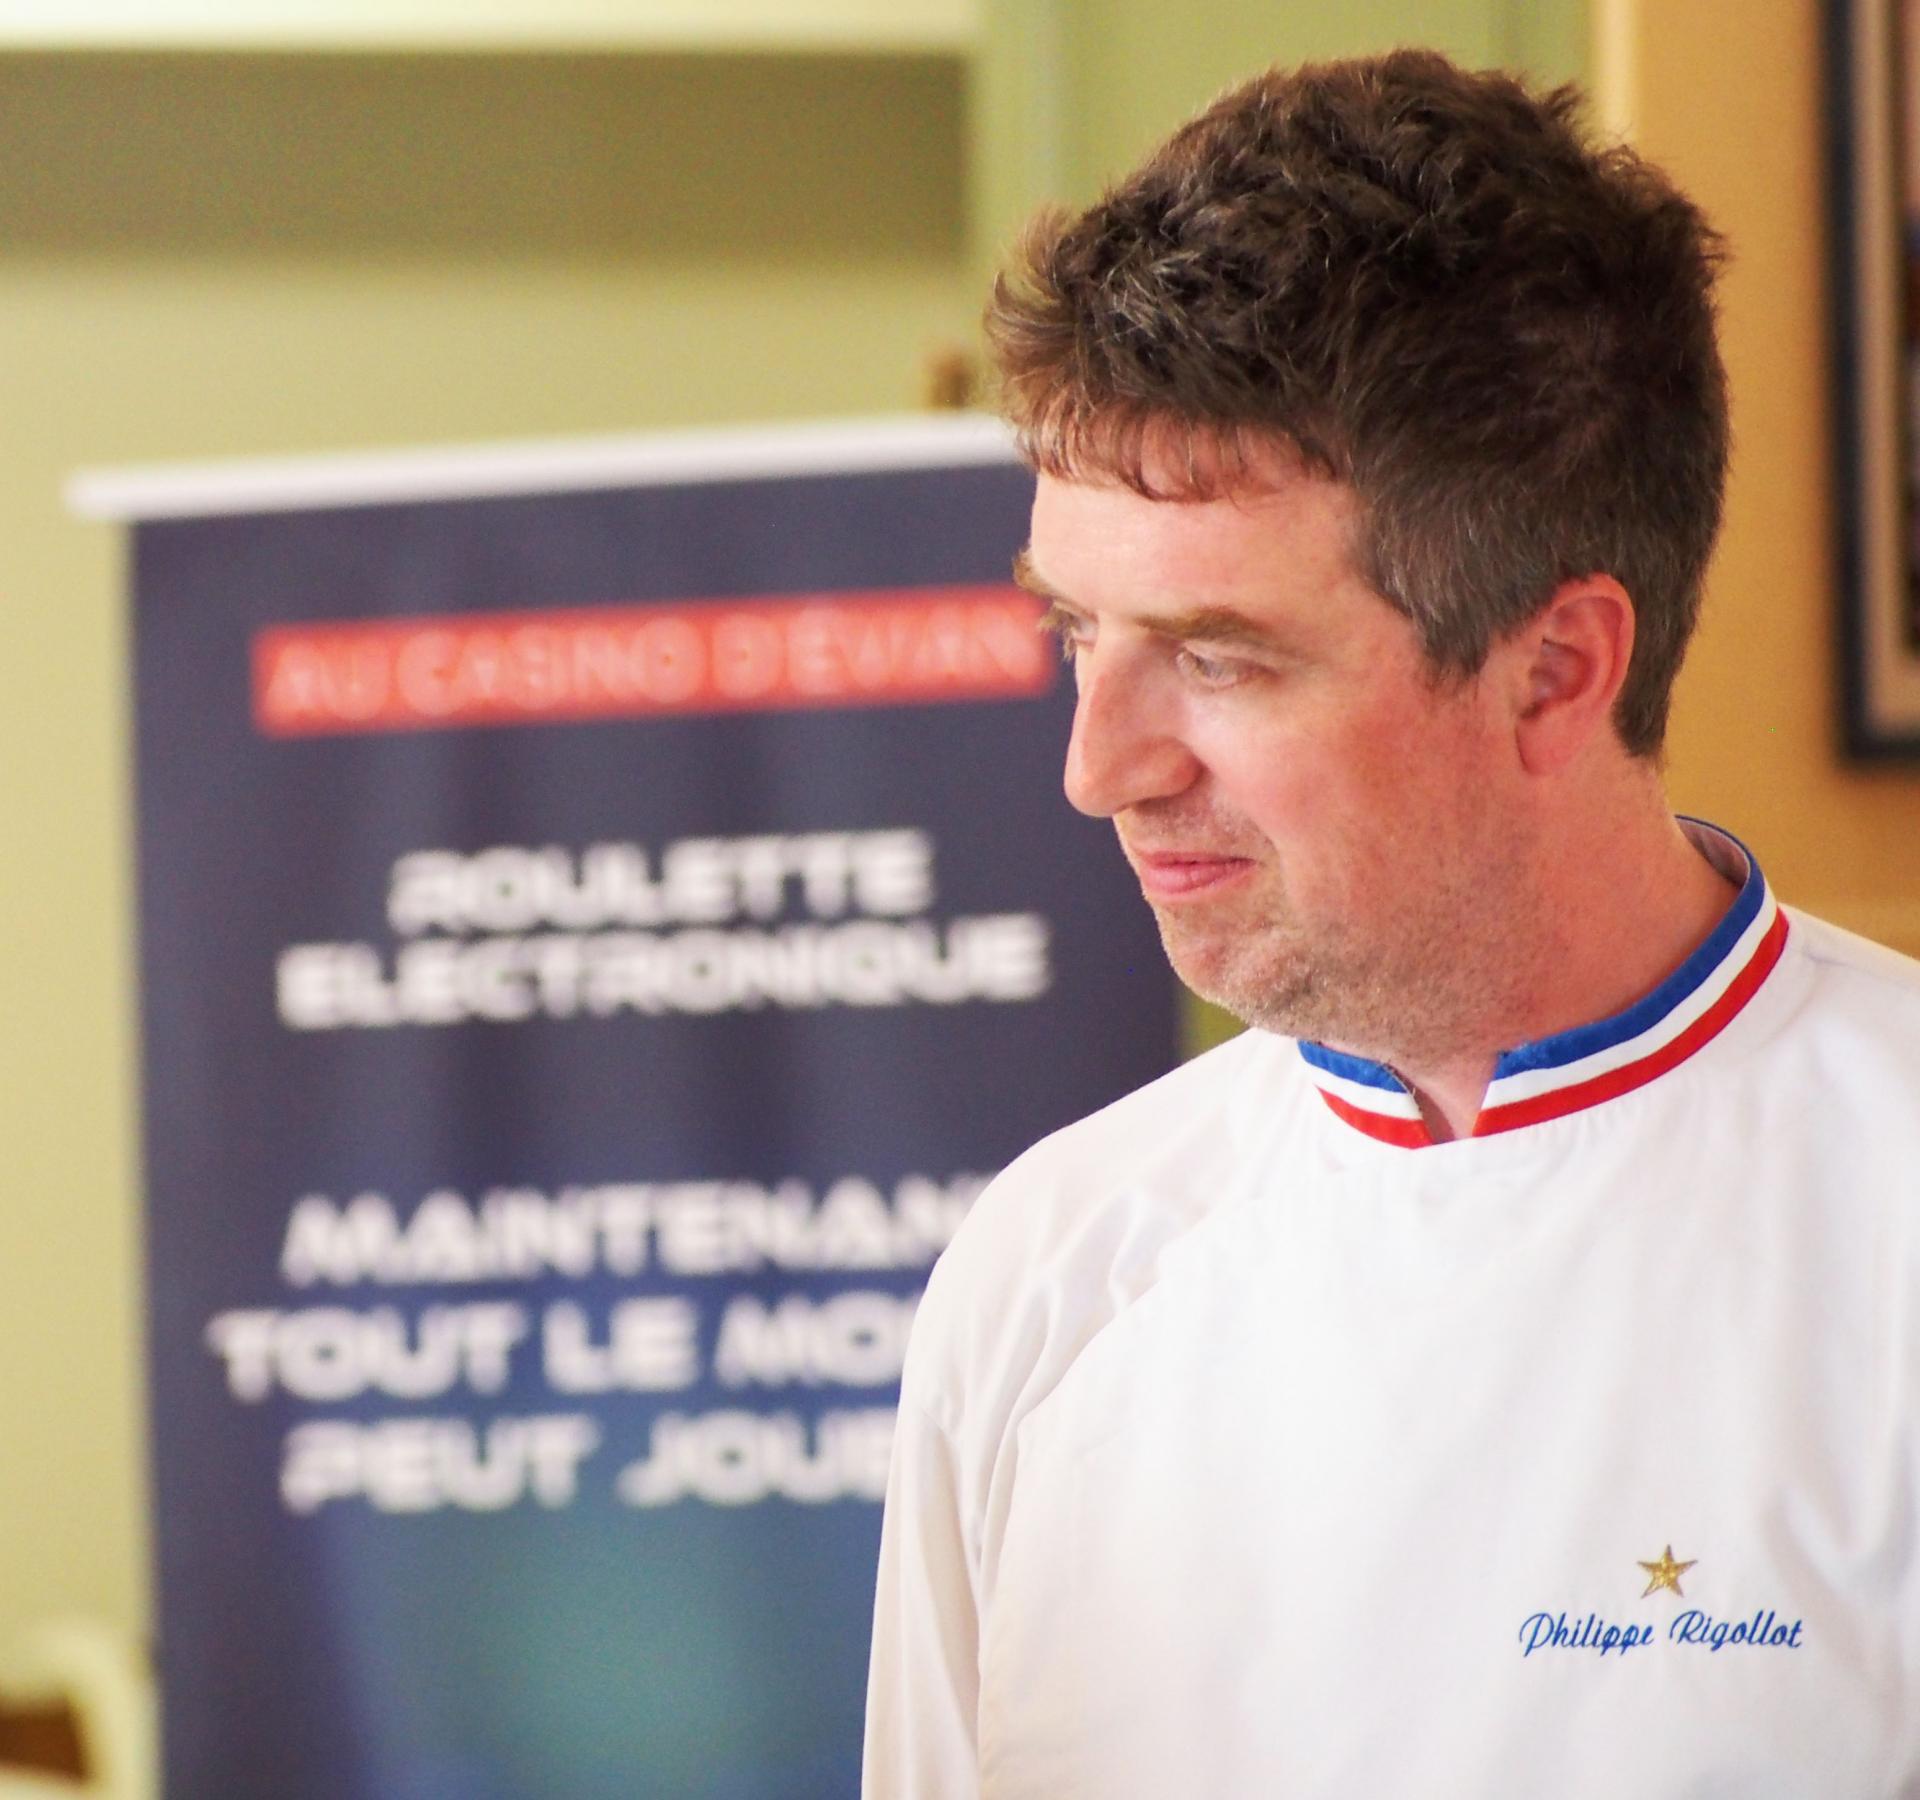 Philippe Rigollot, Meilleur Ouvrier de France, champion du Monde de pâtisserie